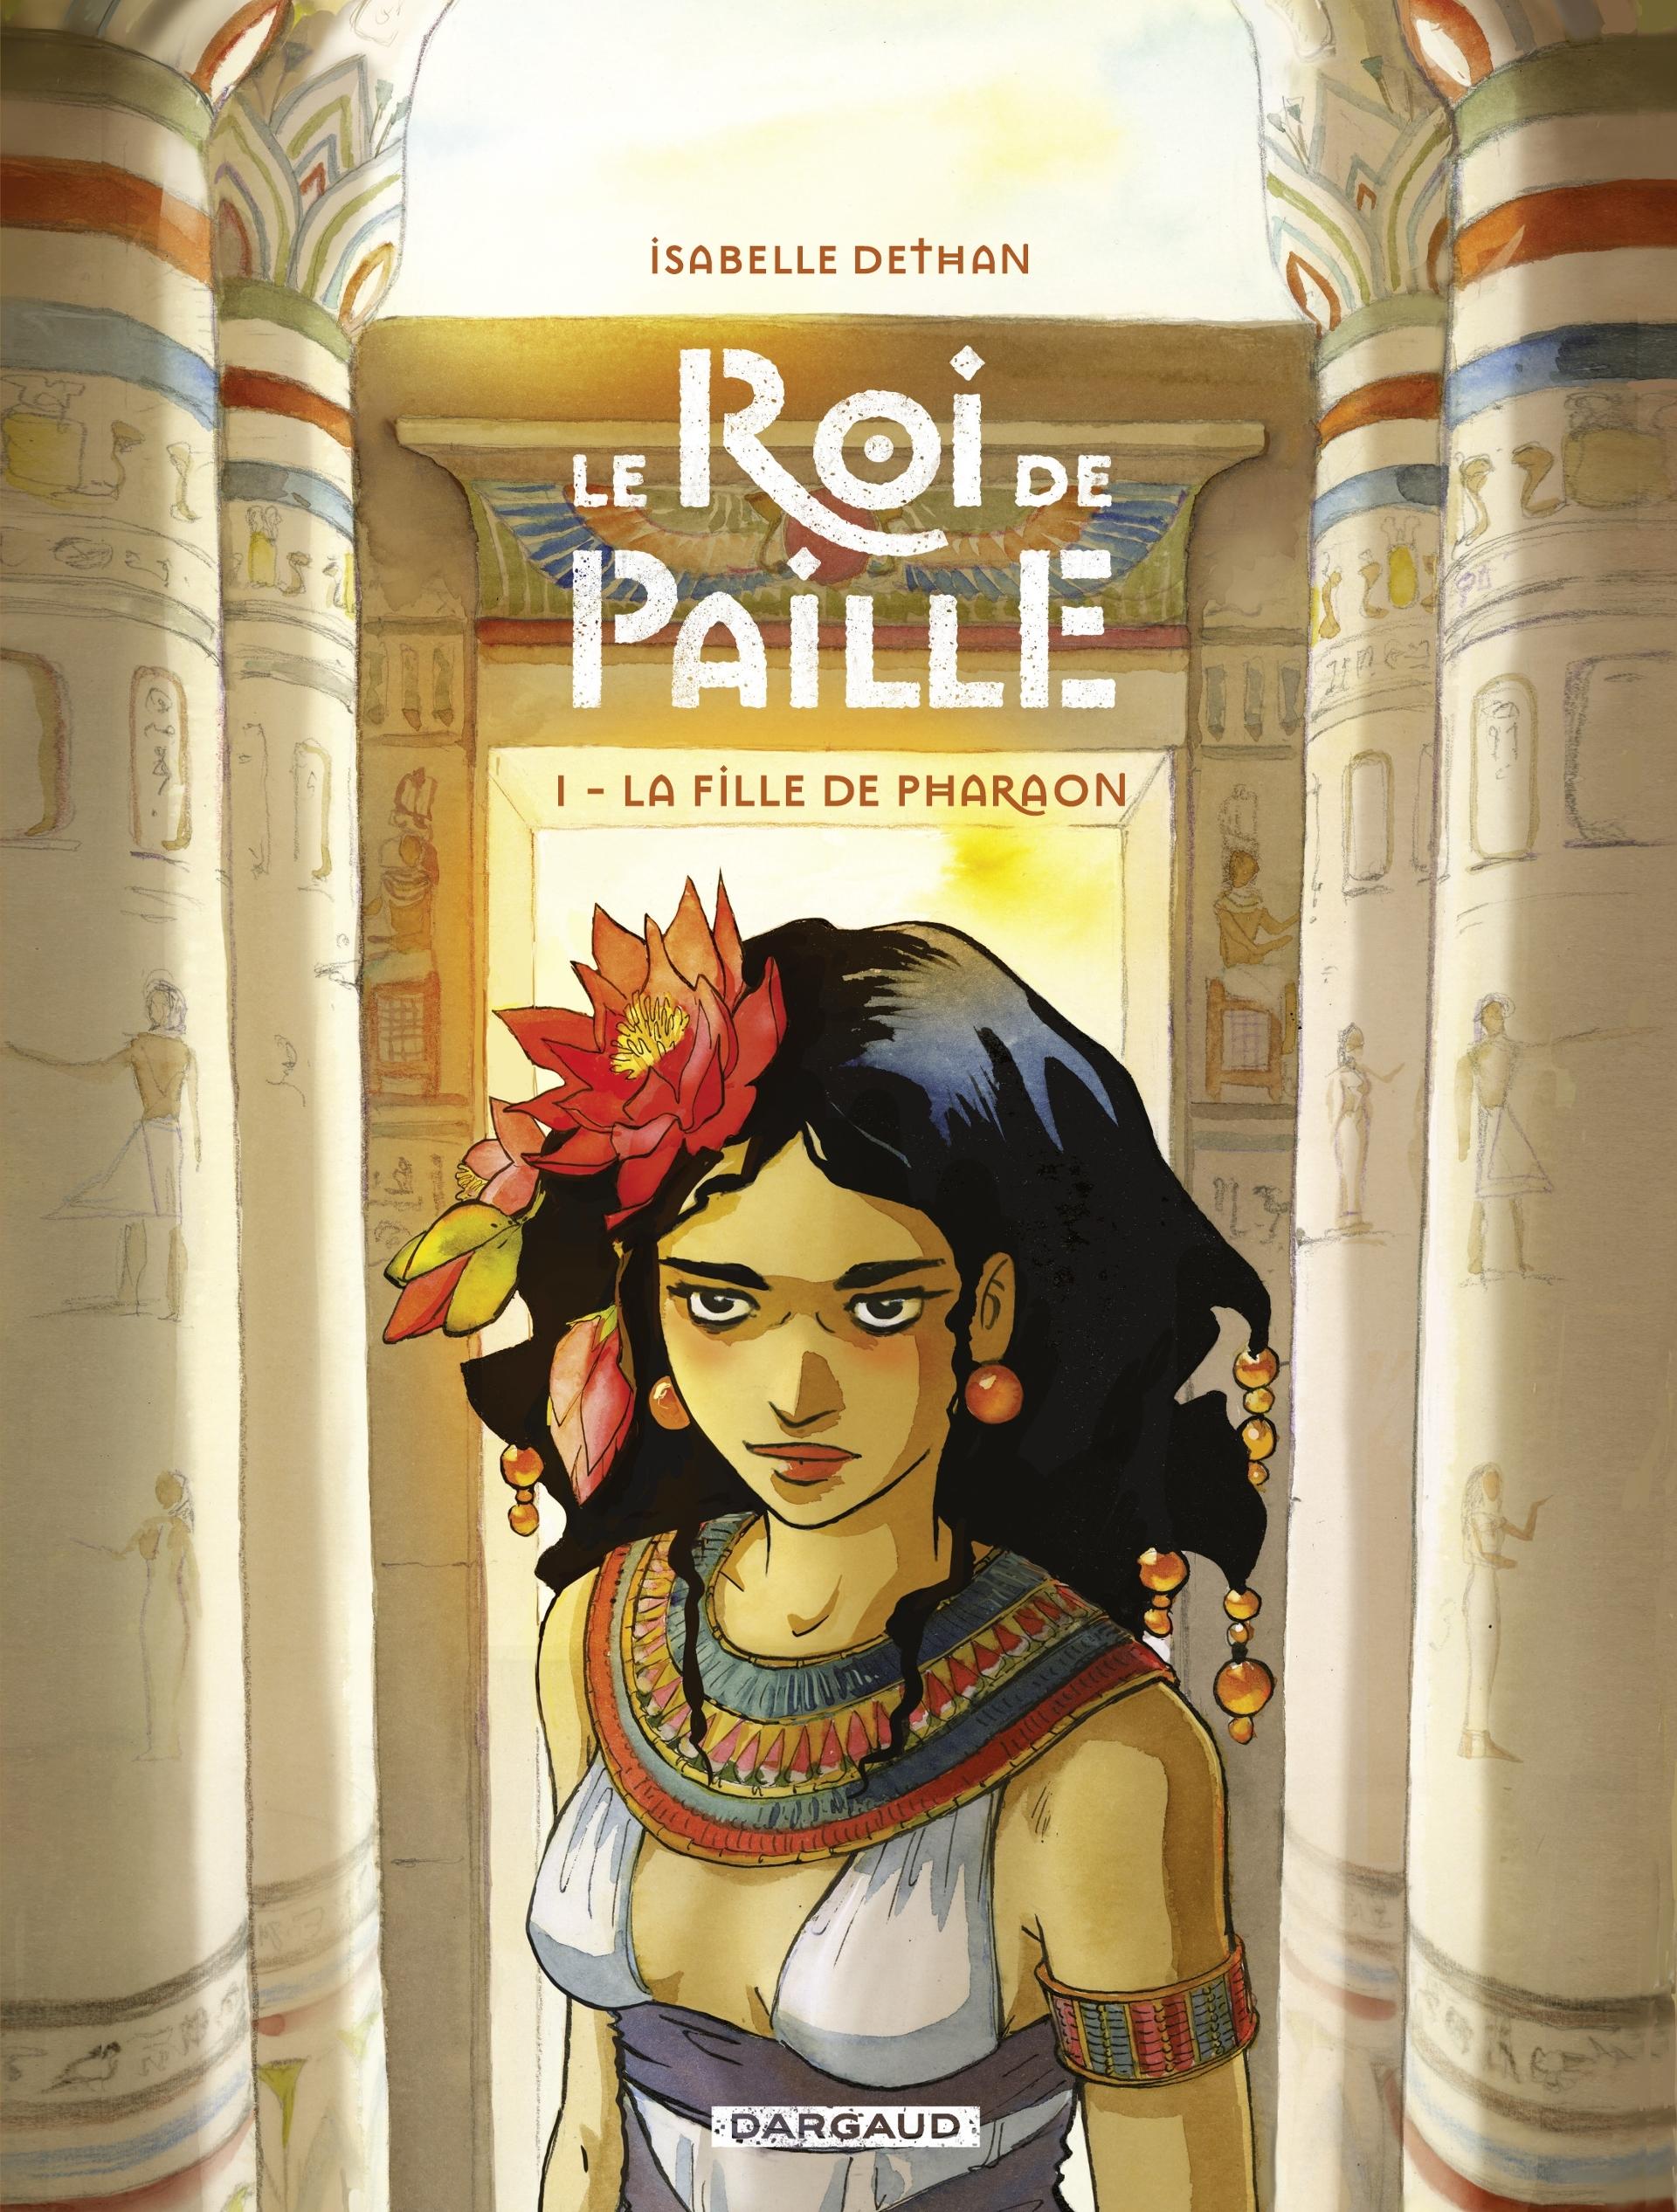 Le roi de paille 1 - La Fille de Pharaon